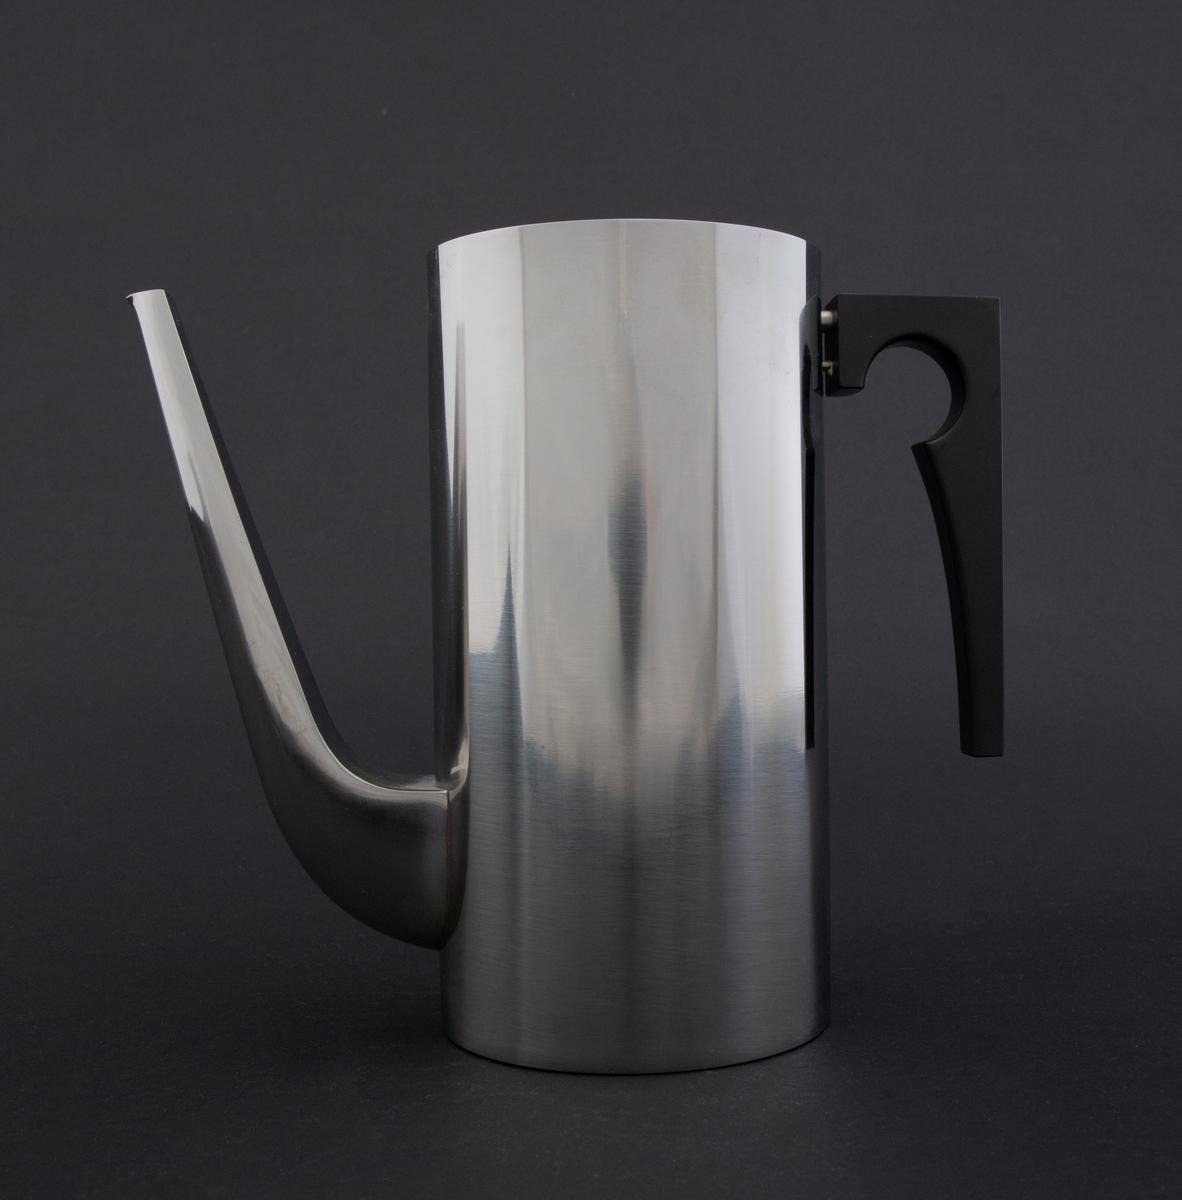 Cylinda-line kaffekanne i rustfritt stål med håndtak av svart kunstsstoff. Korpus er høy, sylinderformet med lang tut som er festet nederst på korpus. Lokket er løst med en sirkulær, flat lokknapp.